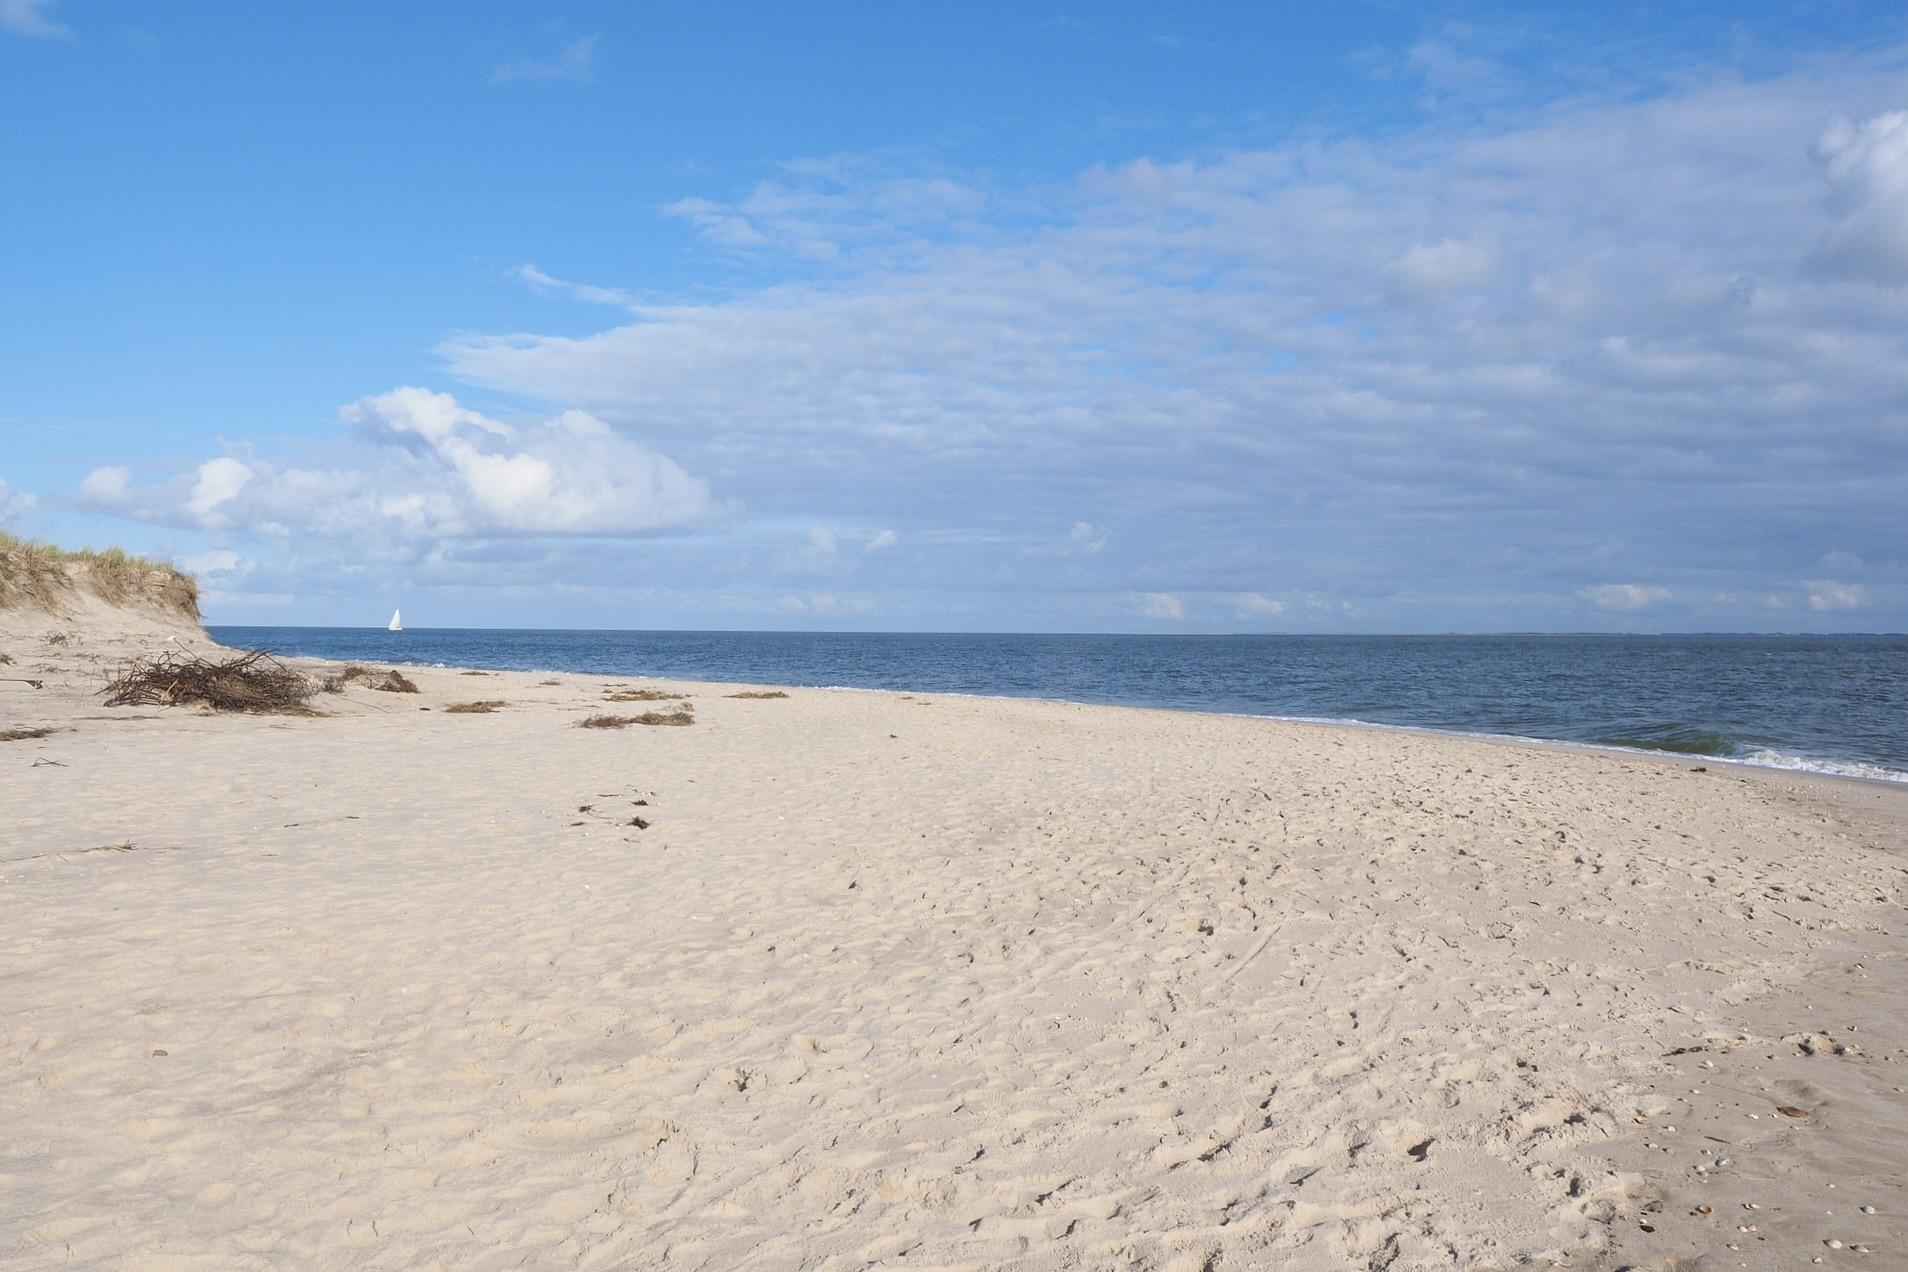 Das Ausflugsziel Hörnum-Odde auf der Insel Sylt